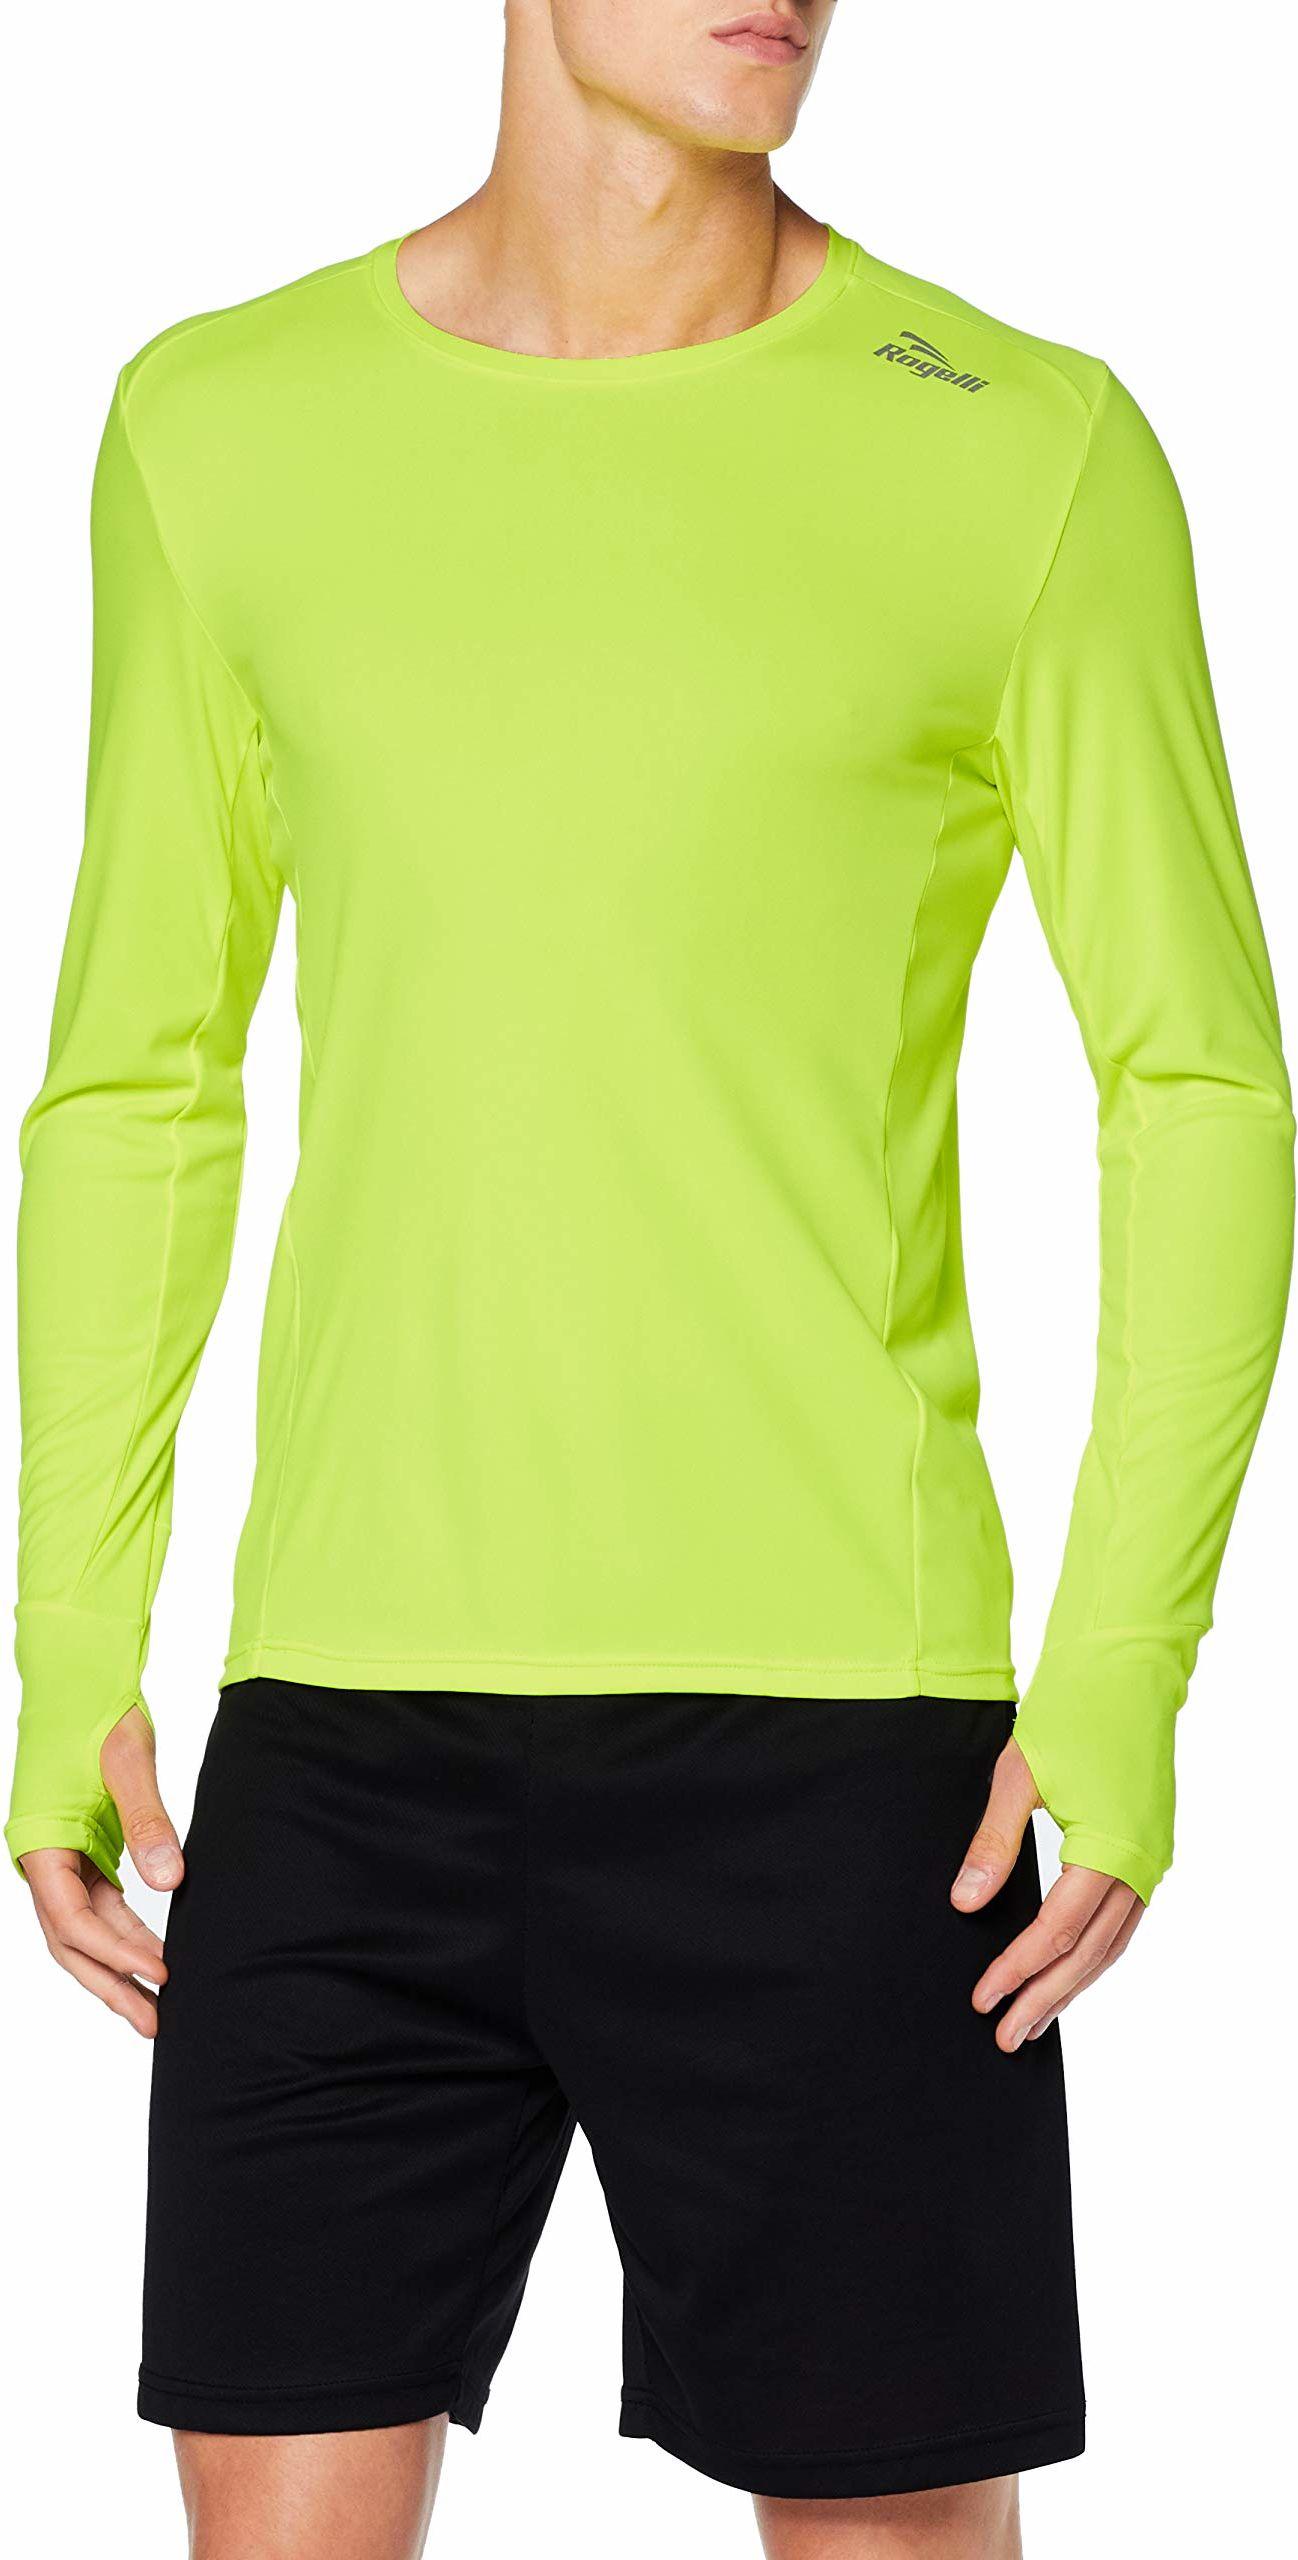 Rogelli Męska koszulka do biegania z długim rękawem, fluorescencyjna, rozmiar 2XL